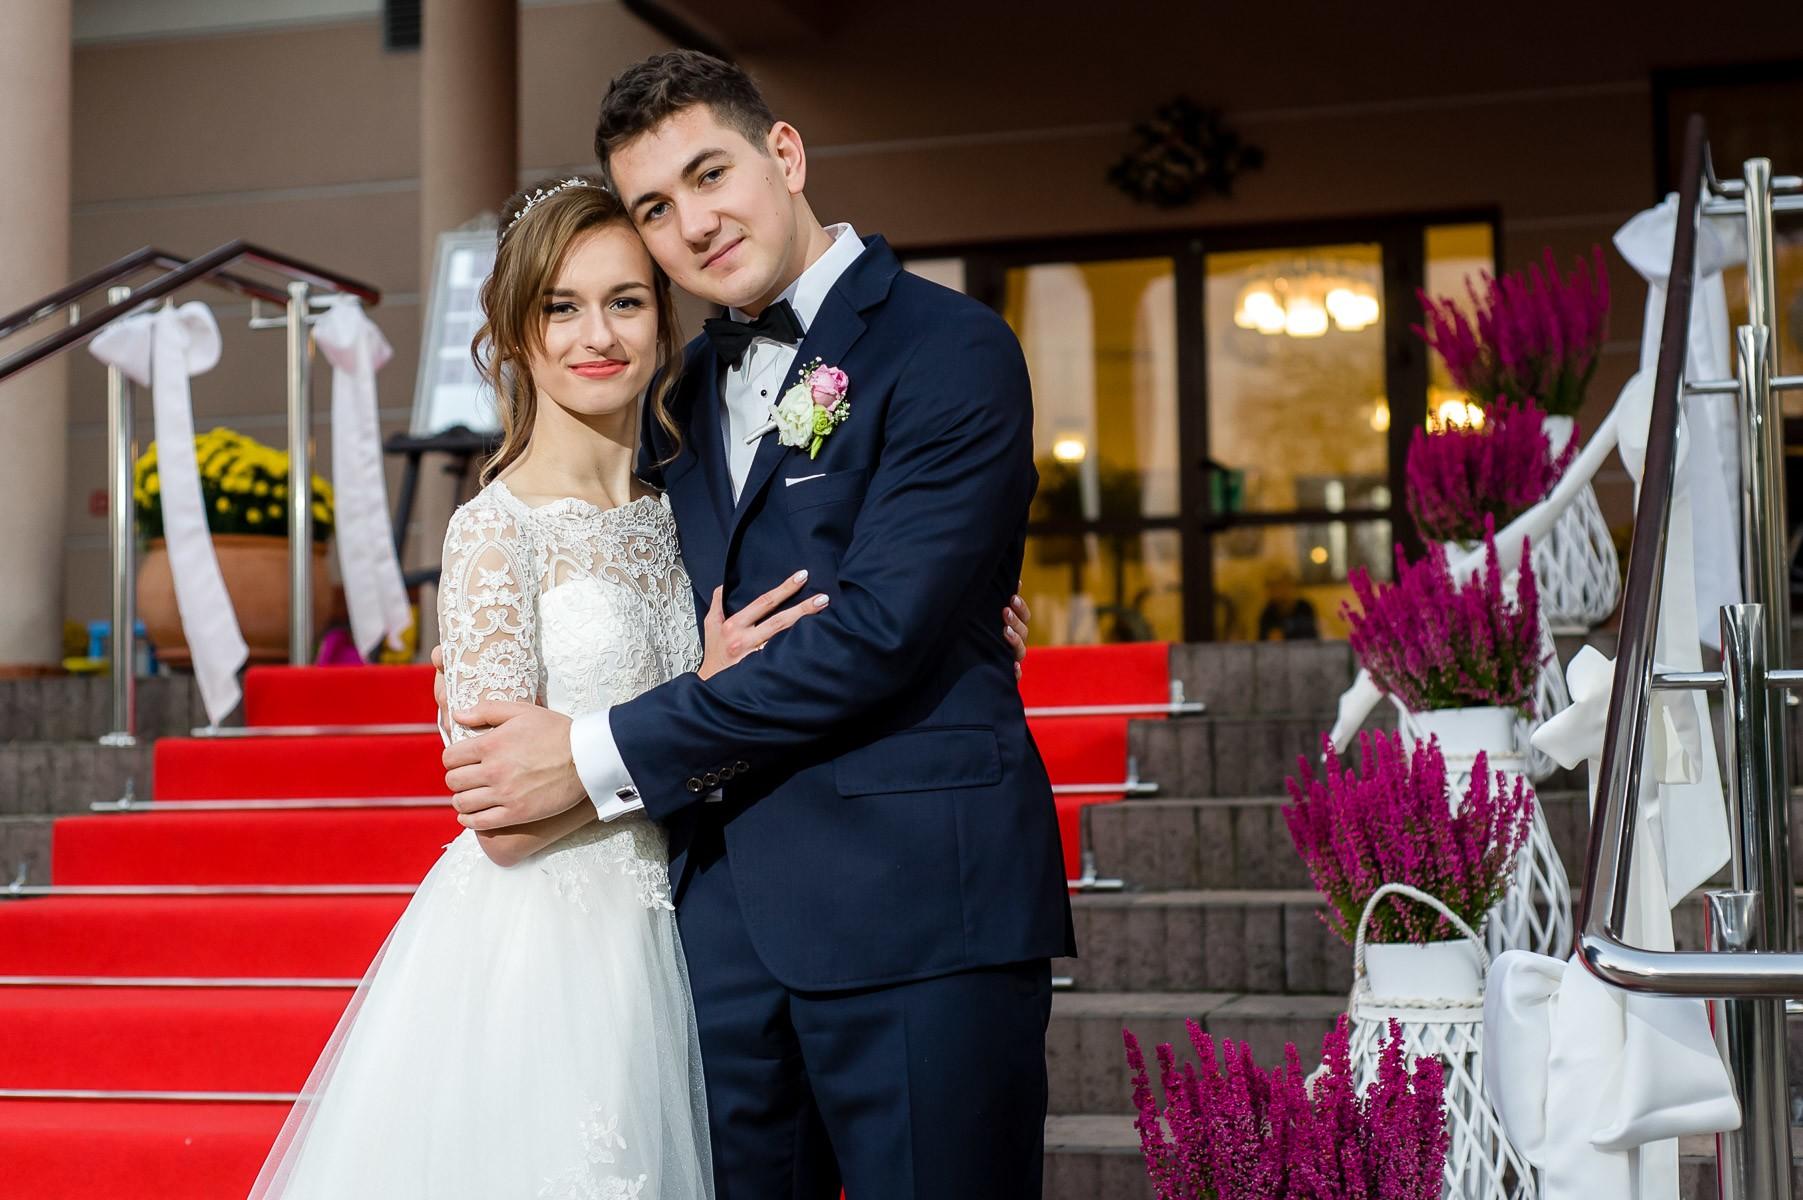 sala na skarpie fotograf slubny slask malopolska adam pietrusiak plener slubny w gorach jw wedding 137